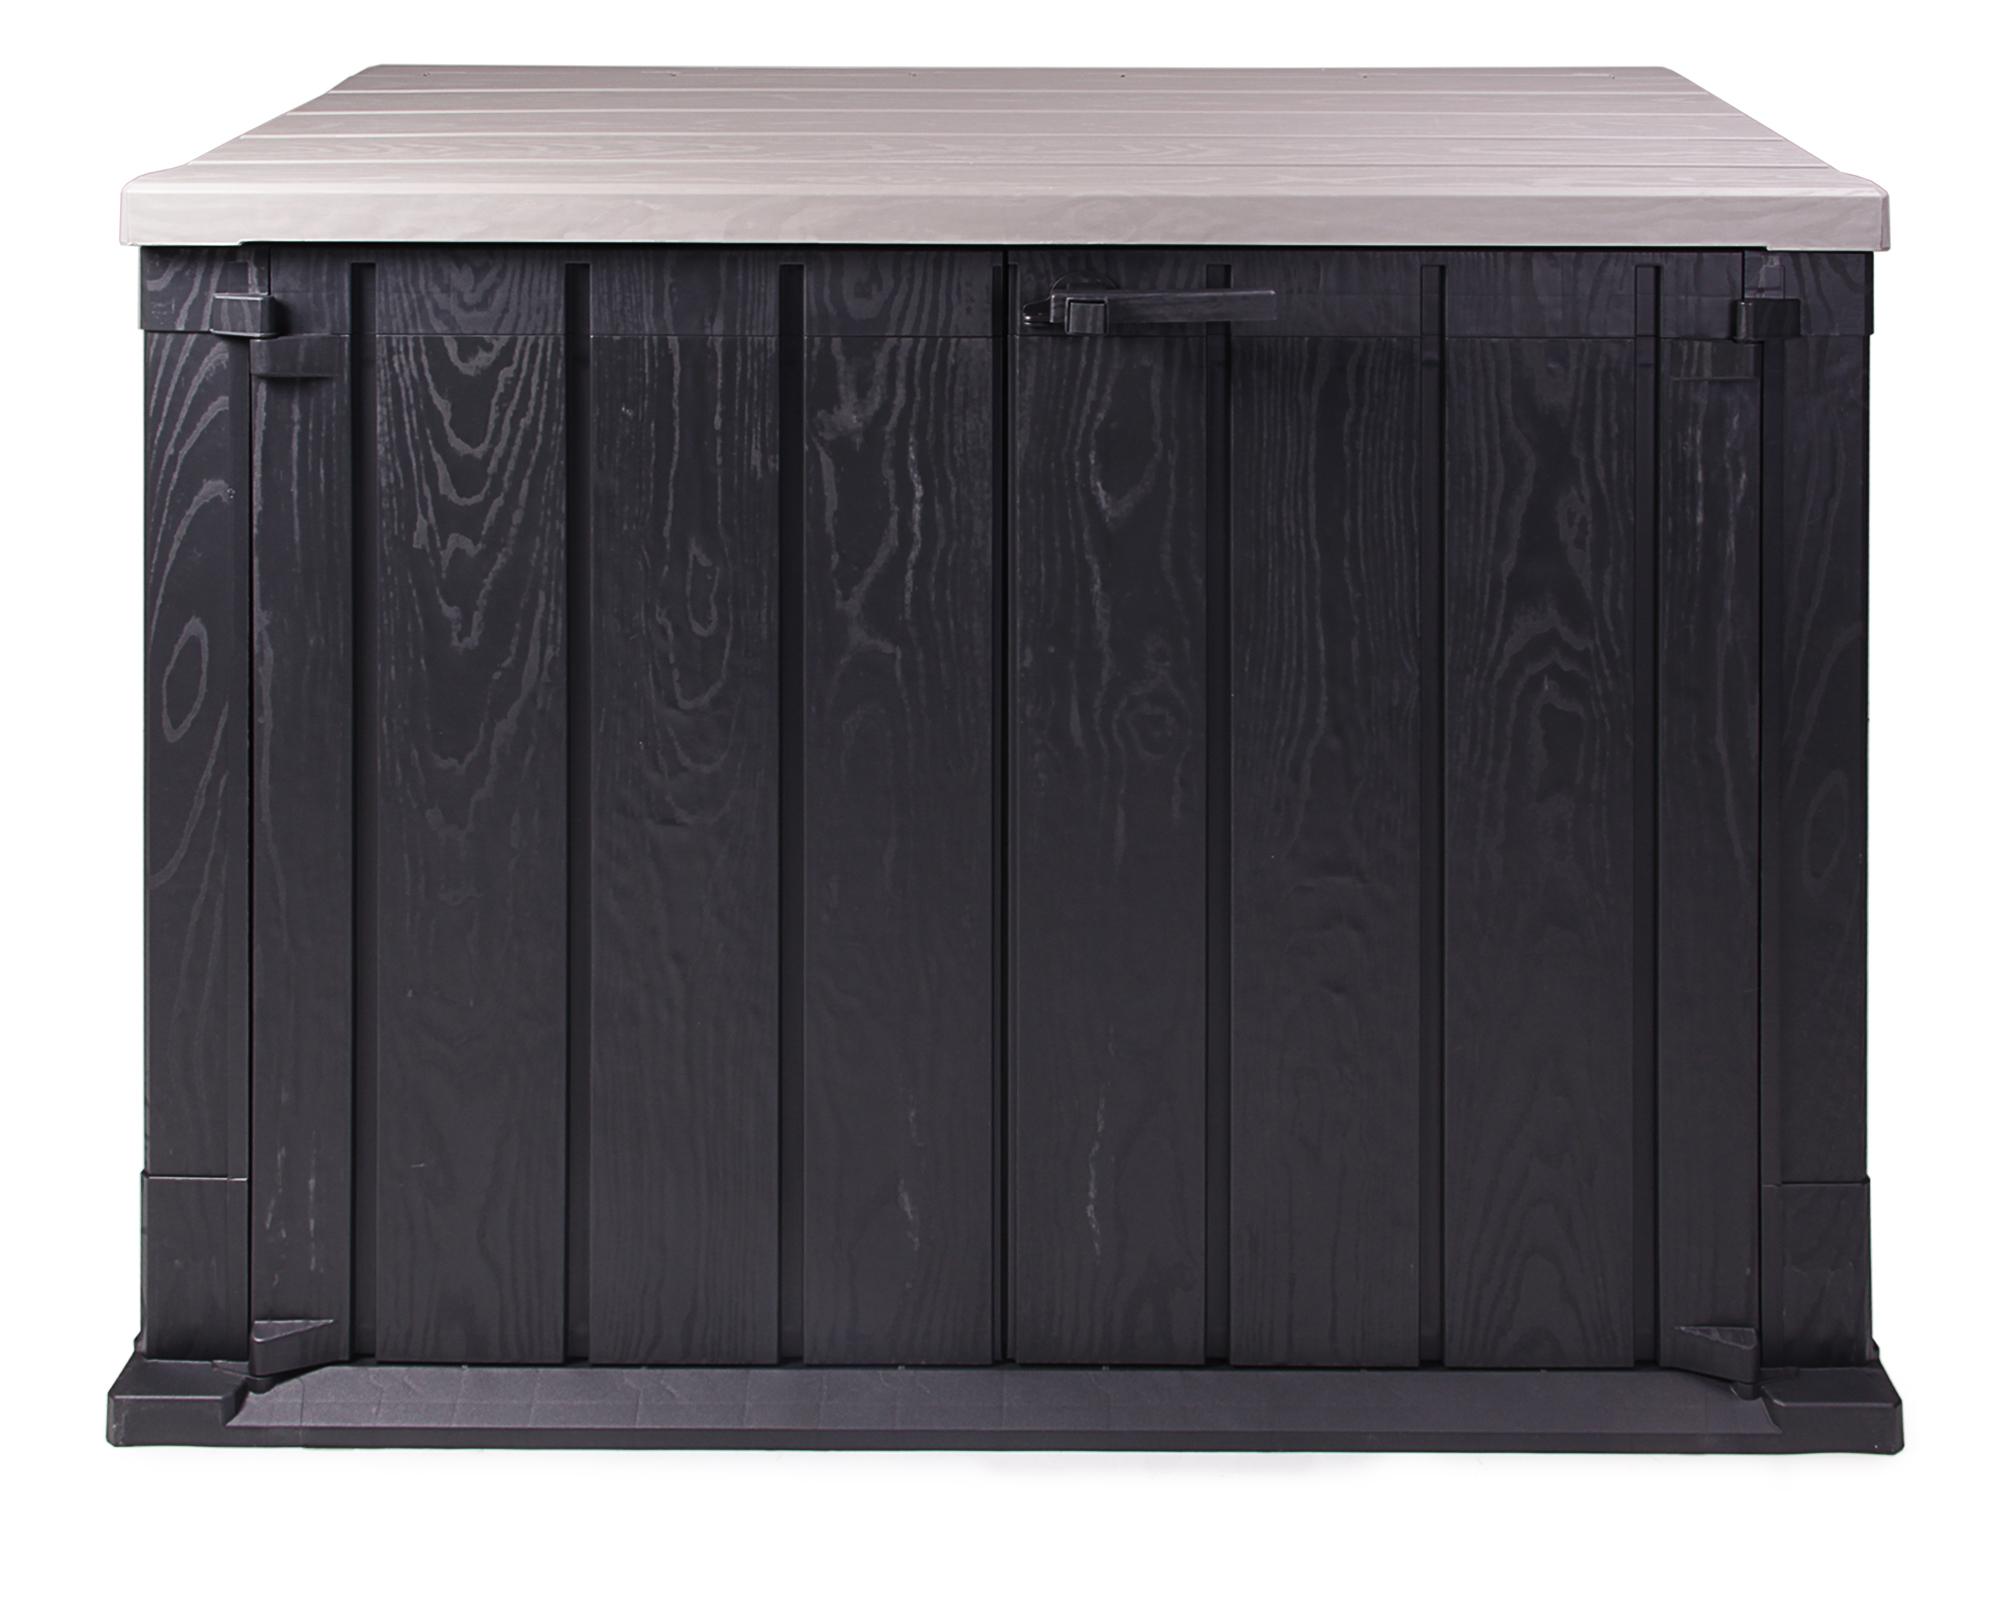 ondis24 gartenbox mülltonnenbox storer plus günstig online kaufen